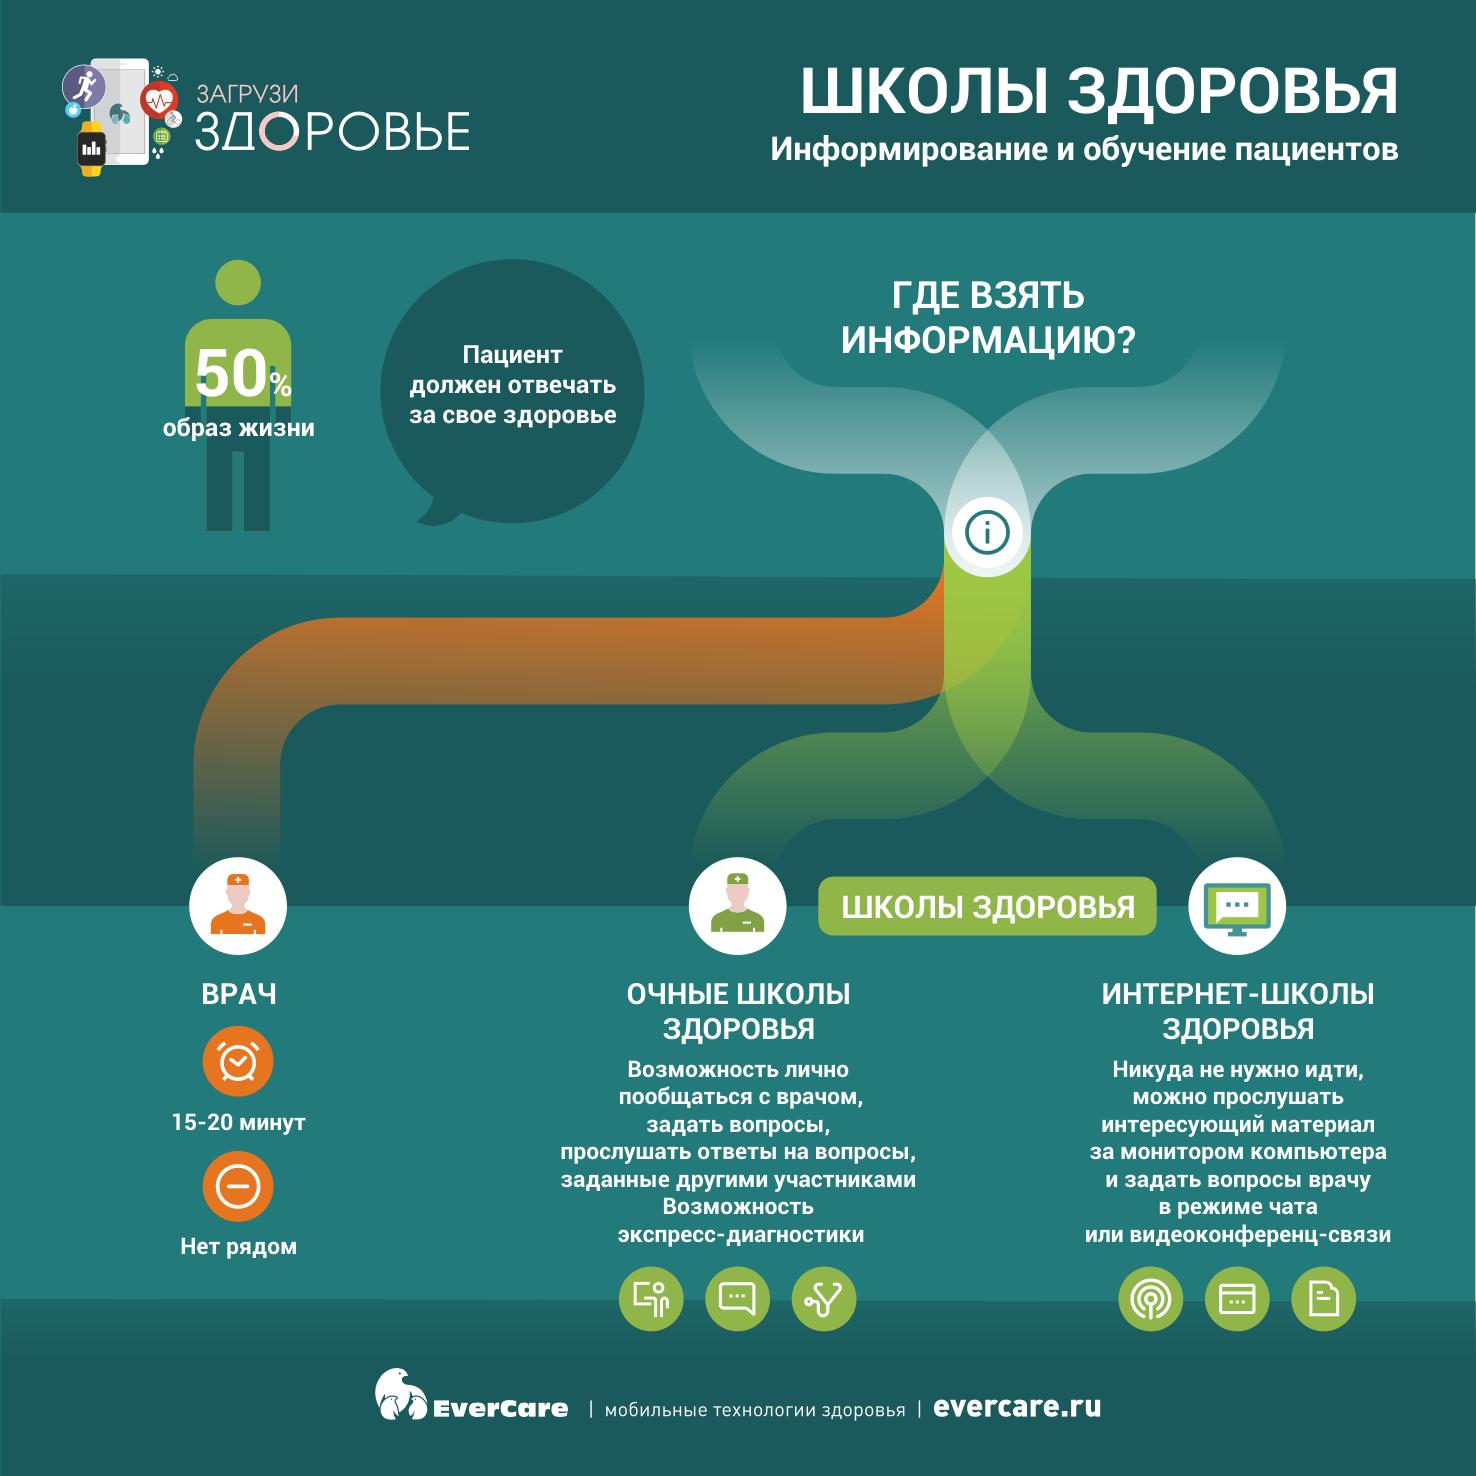 Информирование и обучение пациентов - Школы здоровья, Инфографика